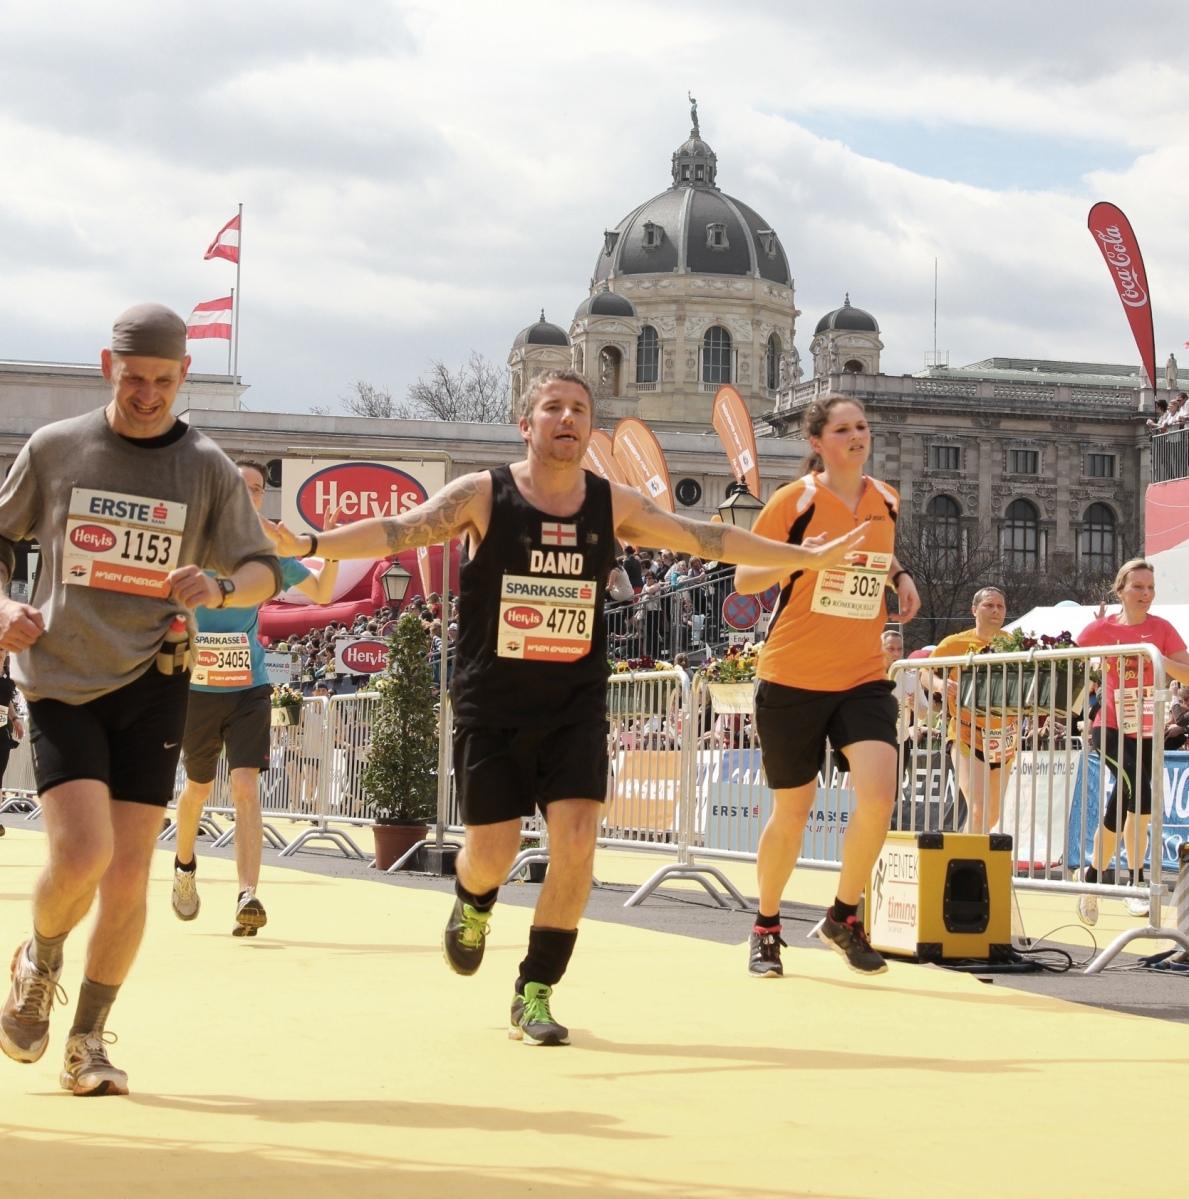 Vienna City Marathon: Ohhhh Vienna